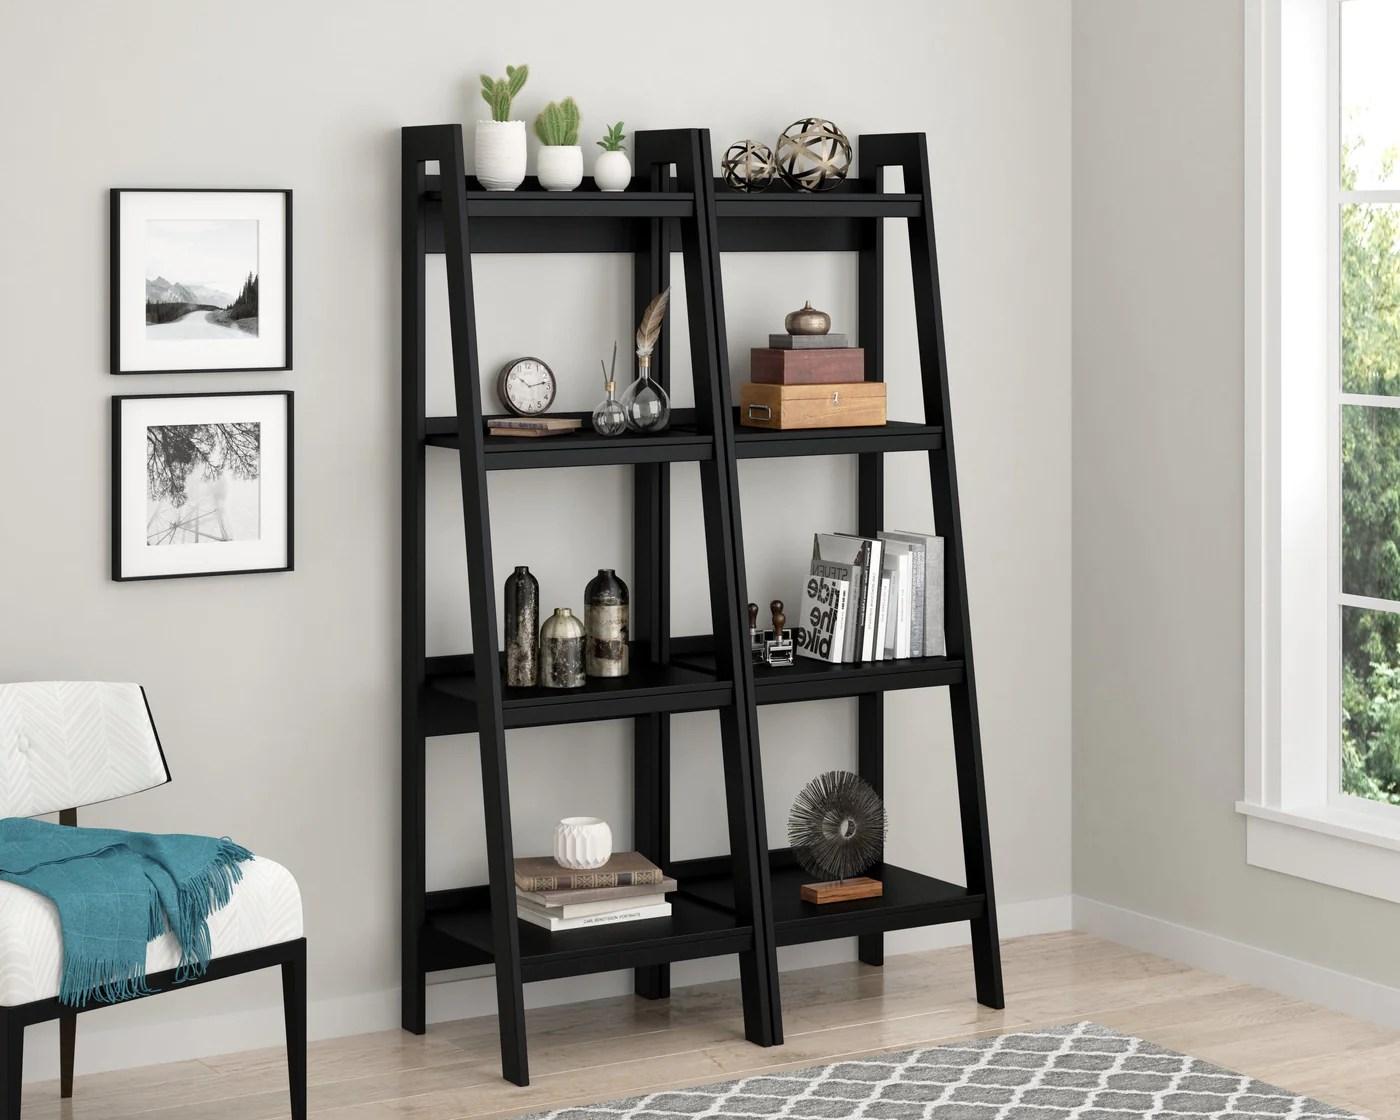 Dorel Home Lawrence Range 4 Shelf Ladder Bookshelf In Black